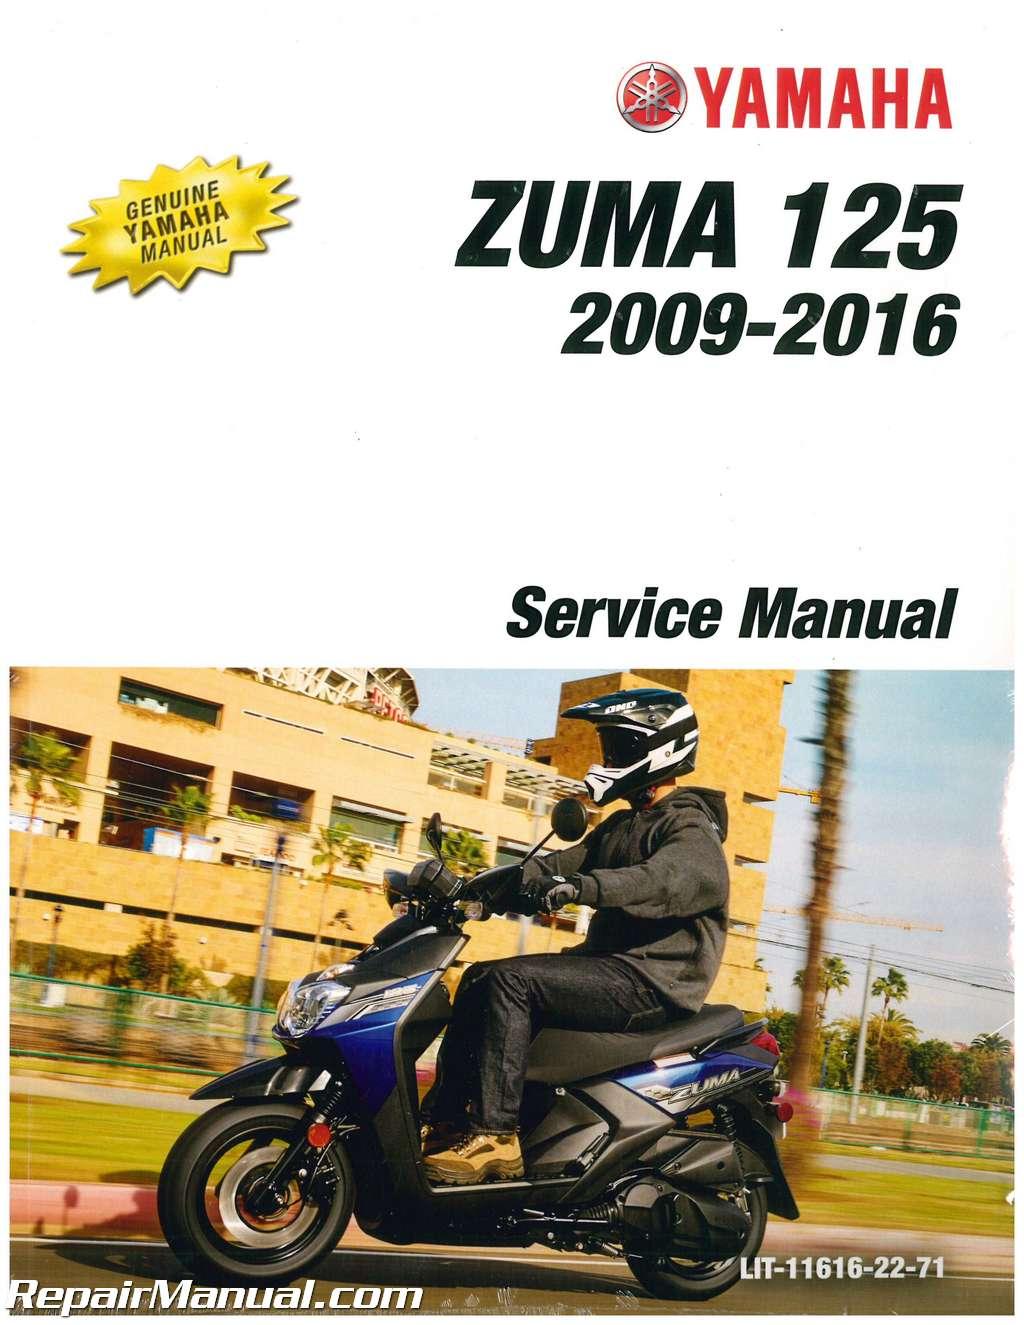 2009 2016 yamaha yw125 zuma 125 scooter service manual rh repairmanual com 2014 Yamaha YW125 yamaha tw 125 service manual